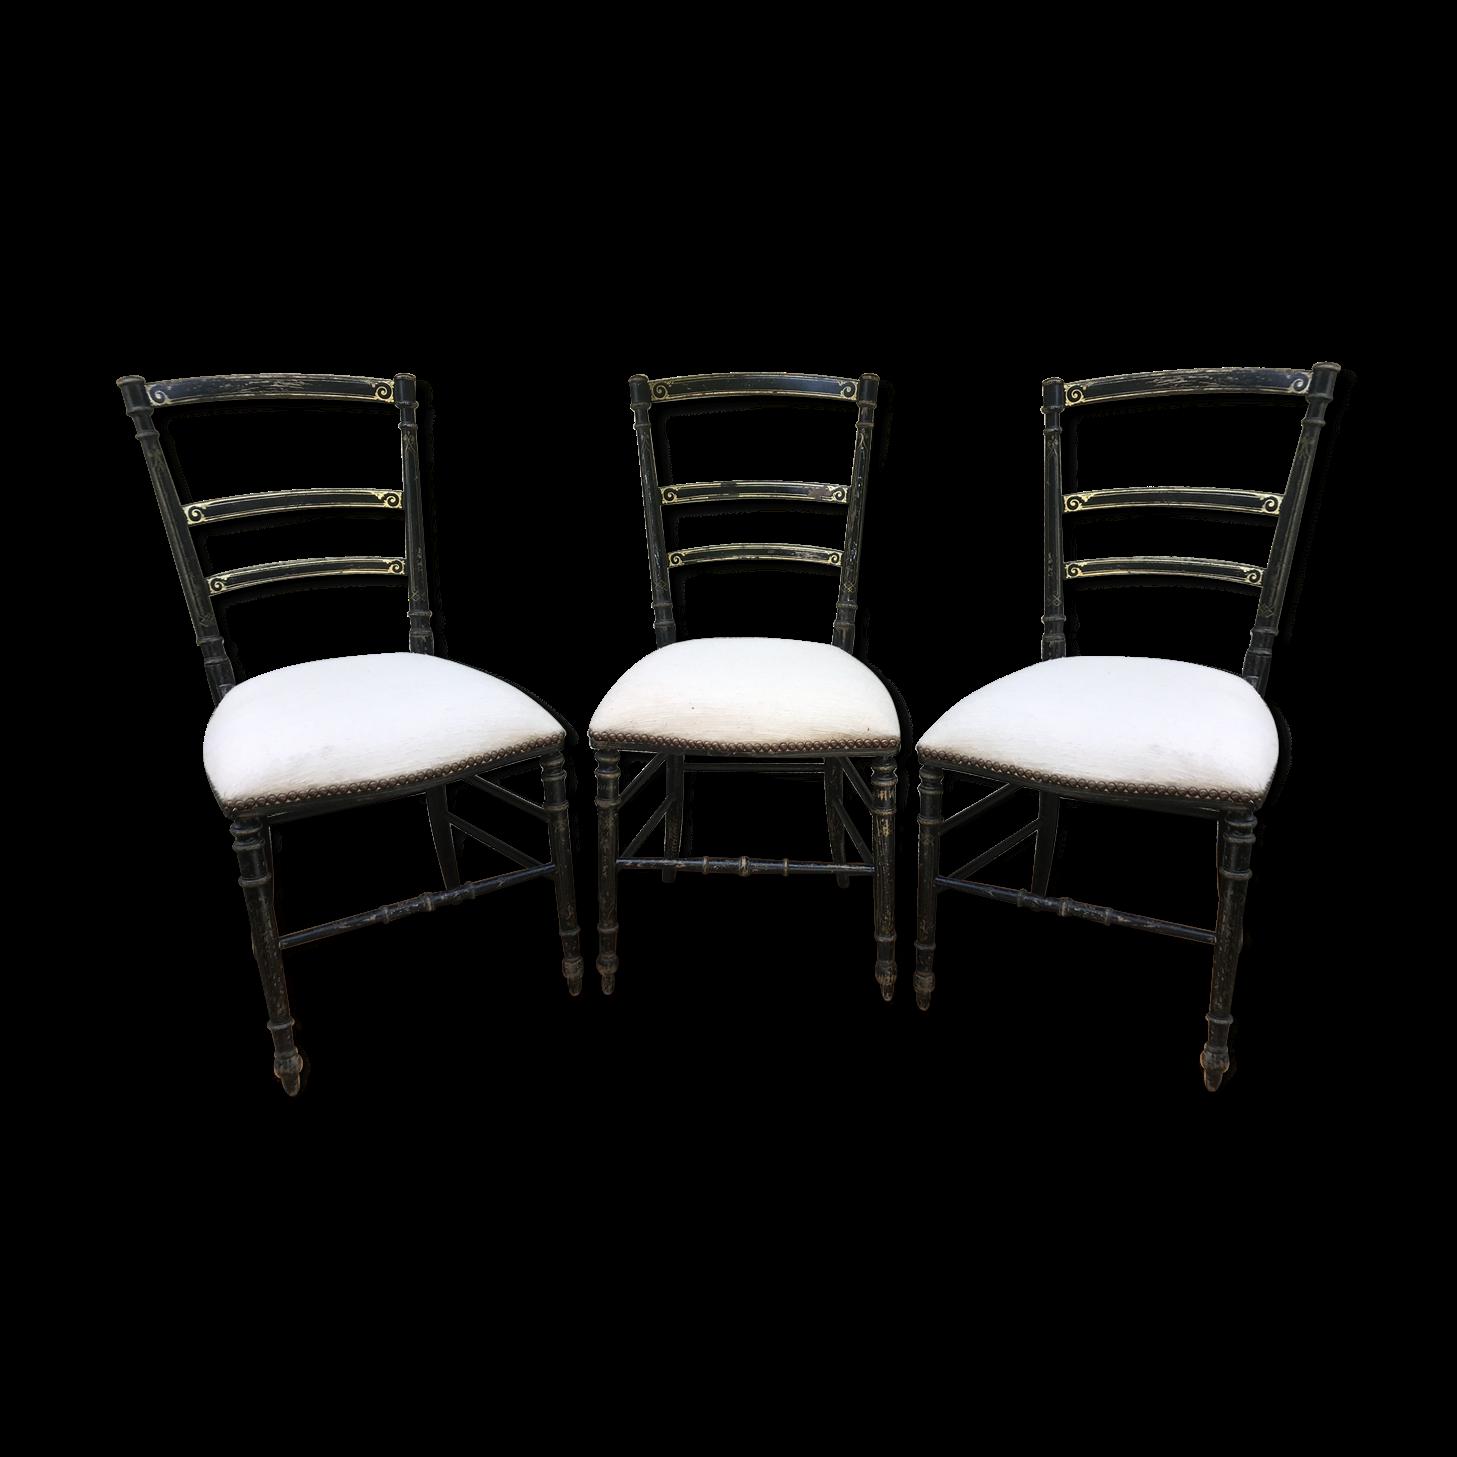 Style De Chaises Anciennes série de 3 chaises anciennes style napoléon iii bois noir et